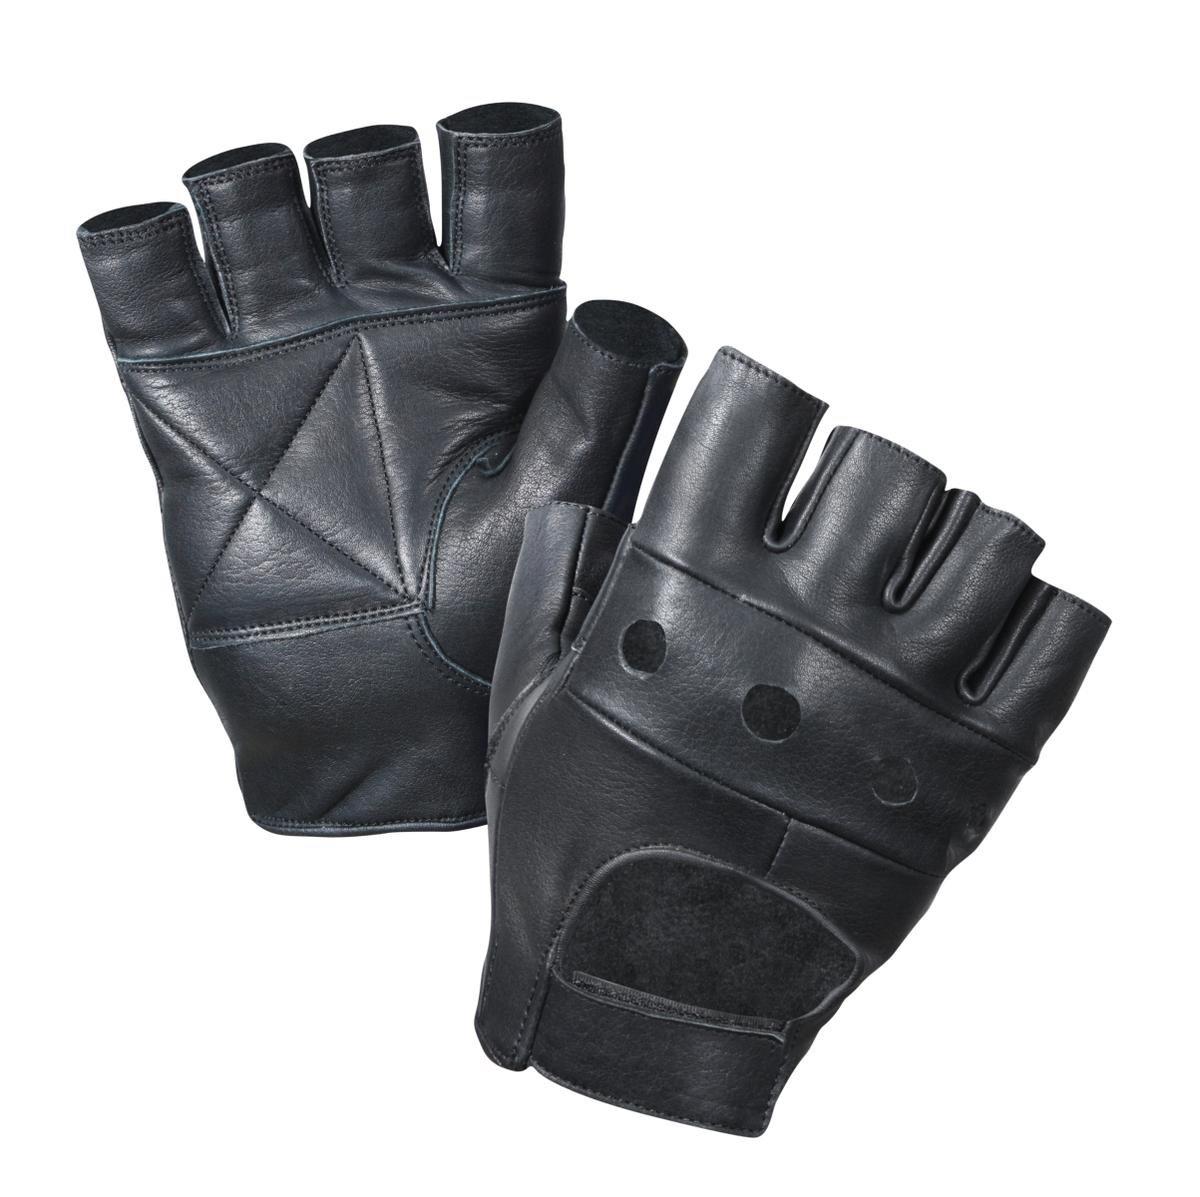 【タイムセール!】 レザー指なし手袋、ソフトラムスキンレザー(ブラック) B075CP66LC X-Large X-Large B075CP66LC, 飛騨高山ファクトリー公式通販:7f65786f --- arianechie.dominiotemporario.com